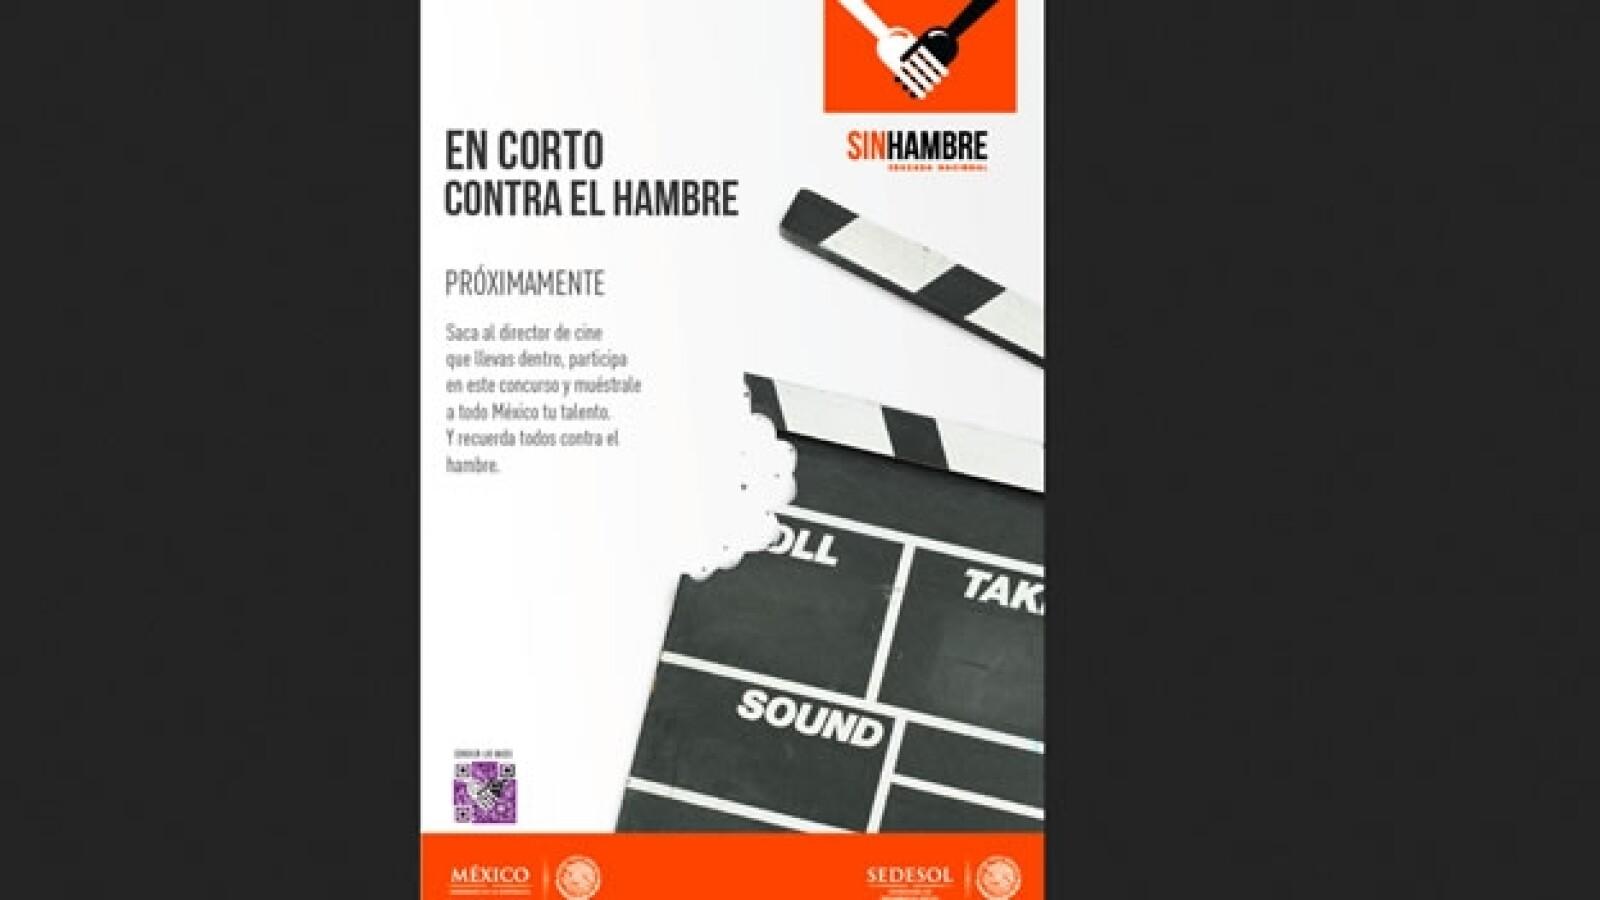 Concurso cortometraje sedesol